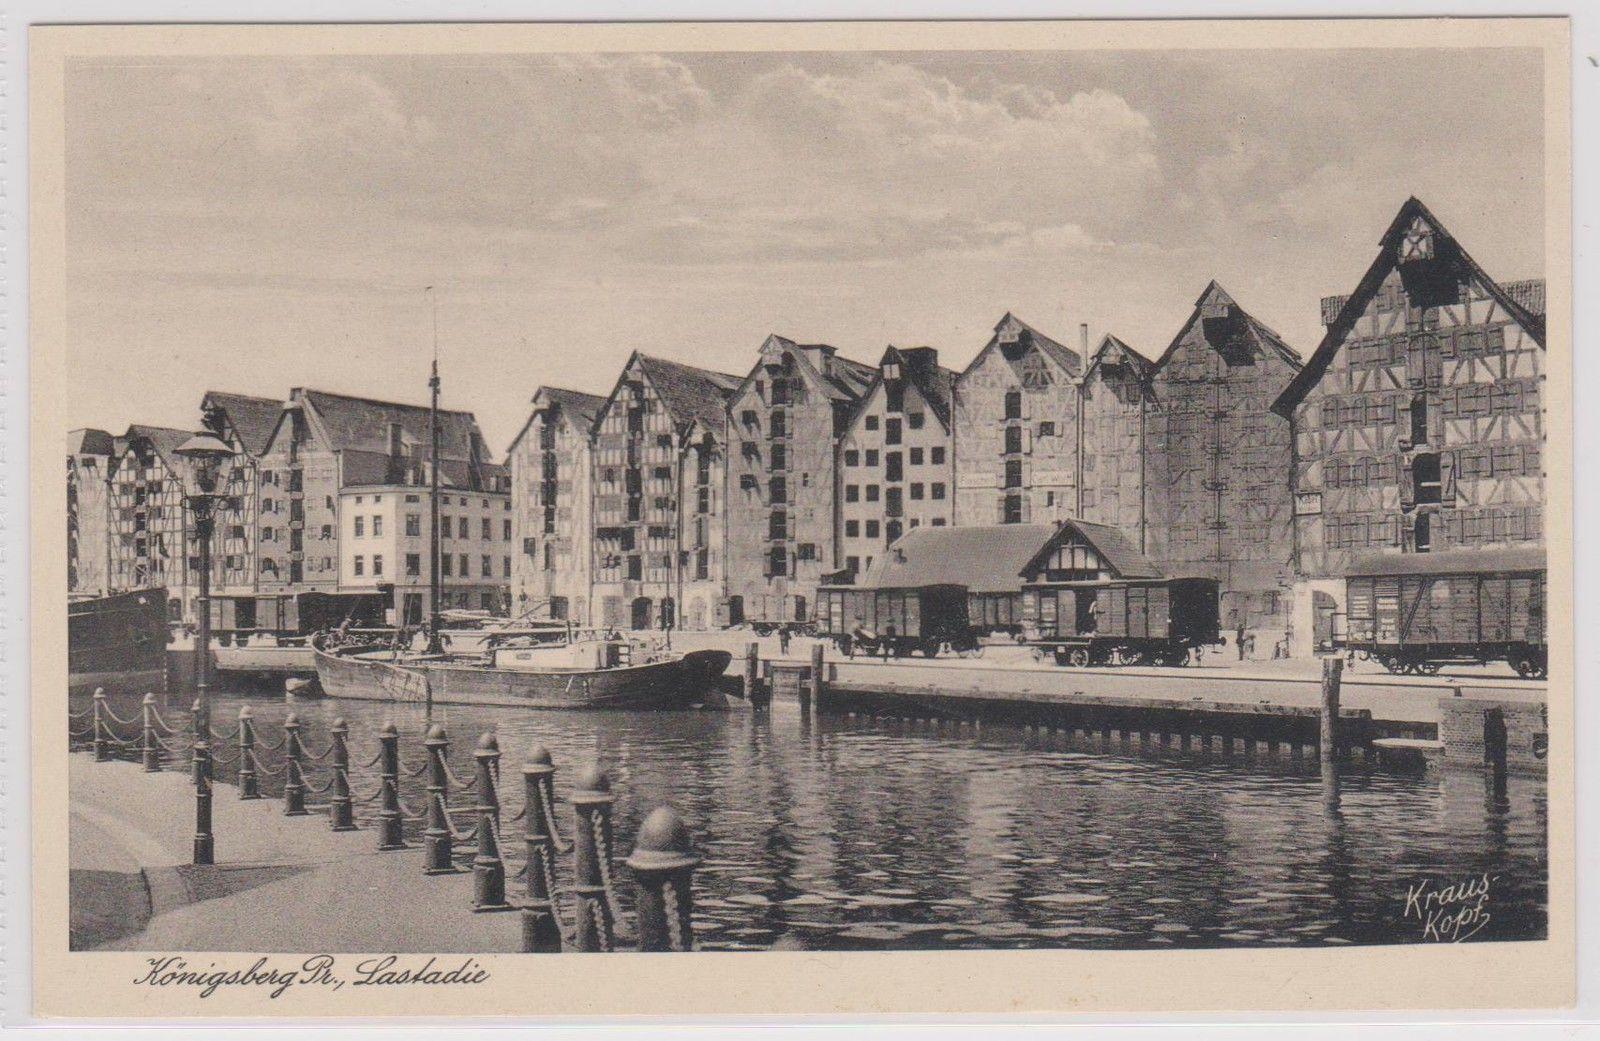 Tolle AK: Lastadie in Königsberg (Ostpreußen) mit Frachtkahn - aus 1941 ANSEHEN! | eBay